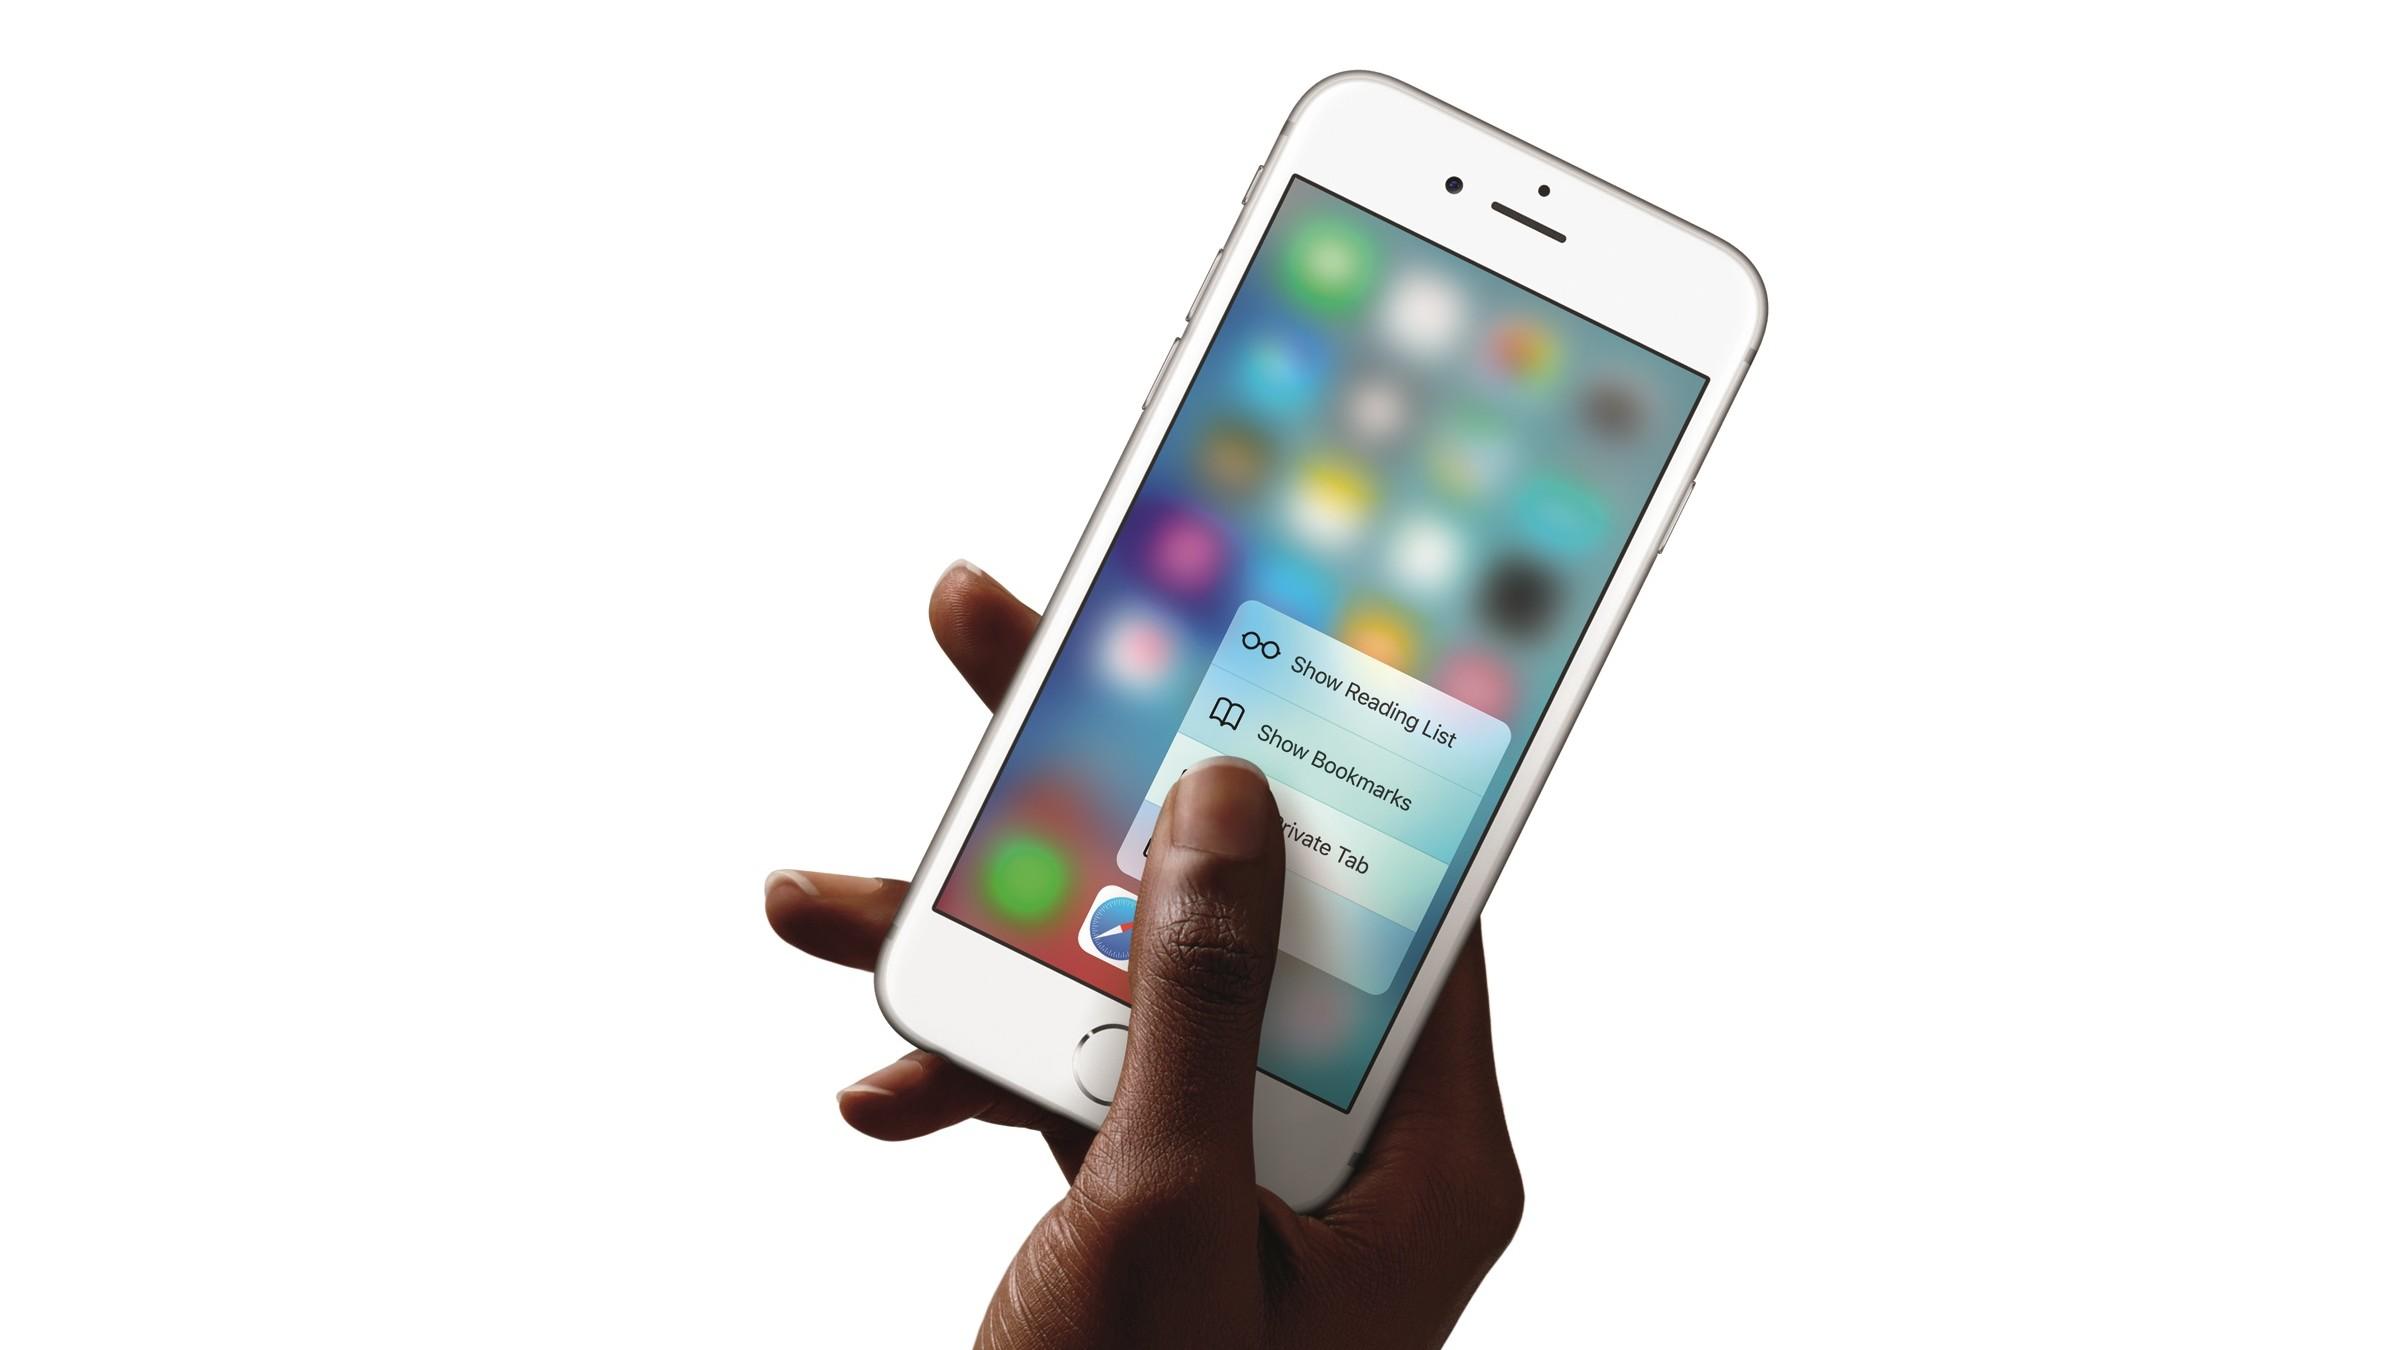 Batterikapasiteten er dårligere i de nye iPhonene, men Apple uttaler at batteritiden er like bra som i iPhone 6-modellene.